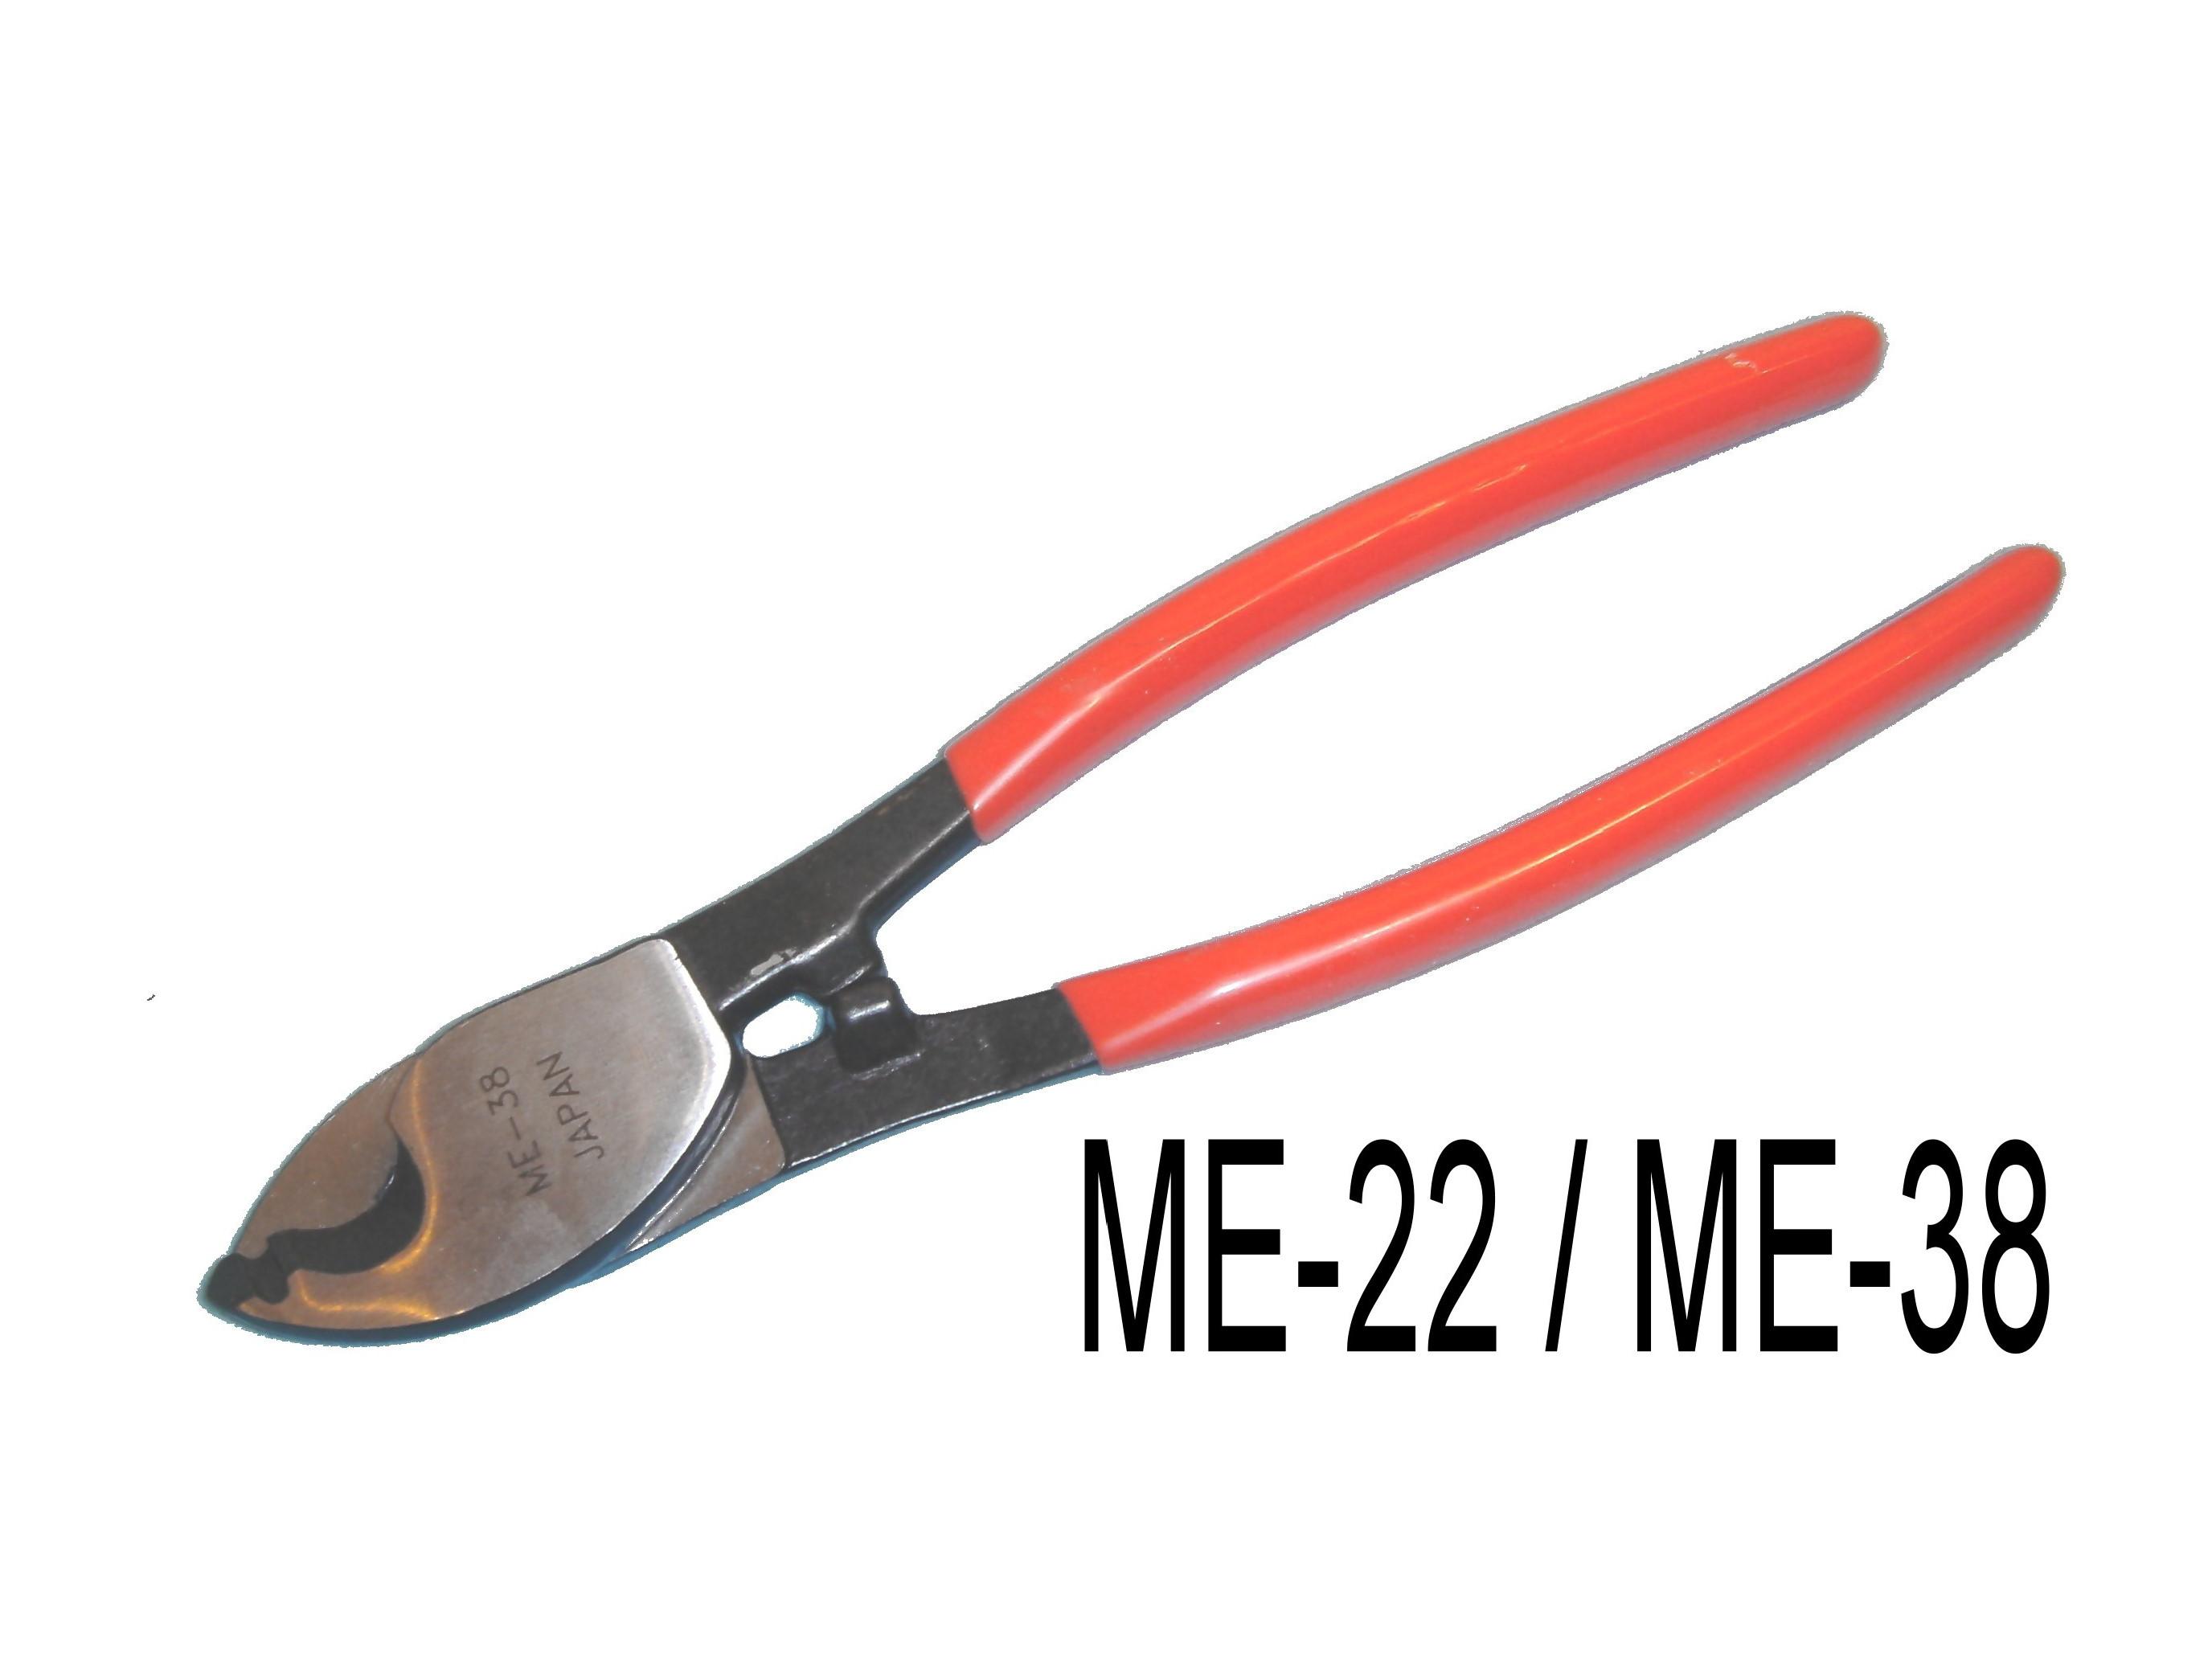 ME-22ME-38